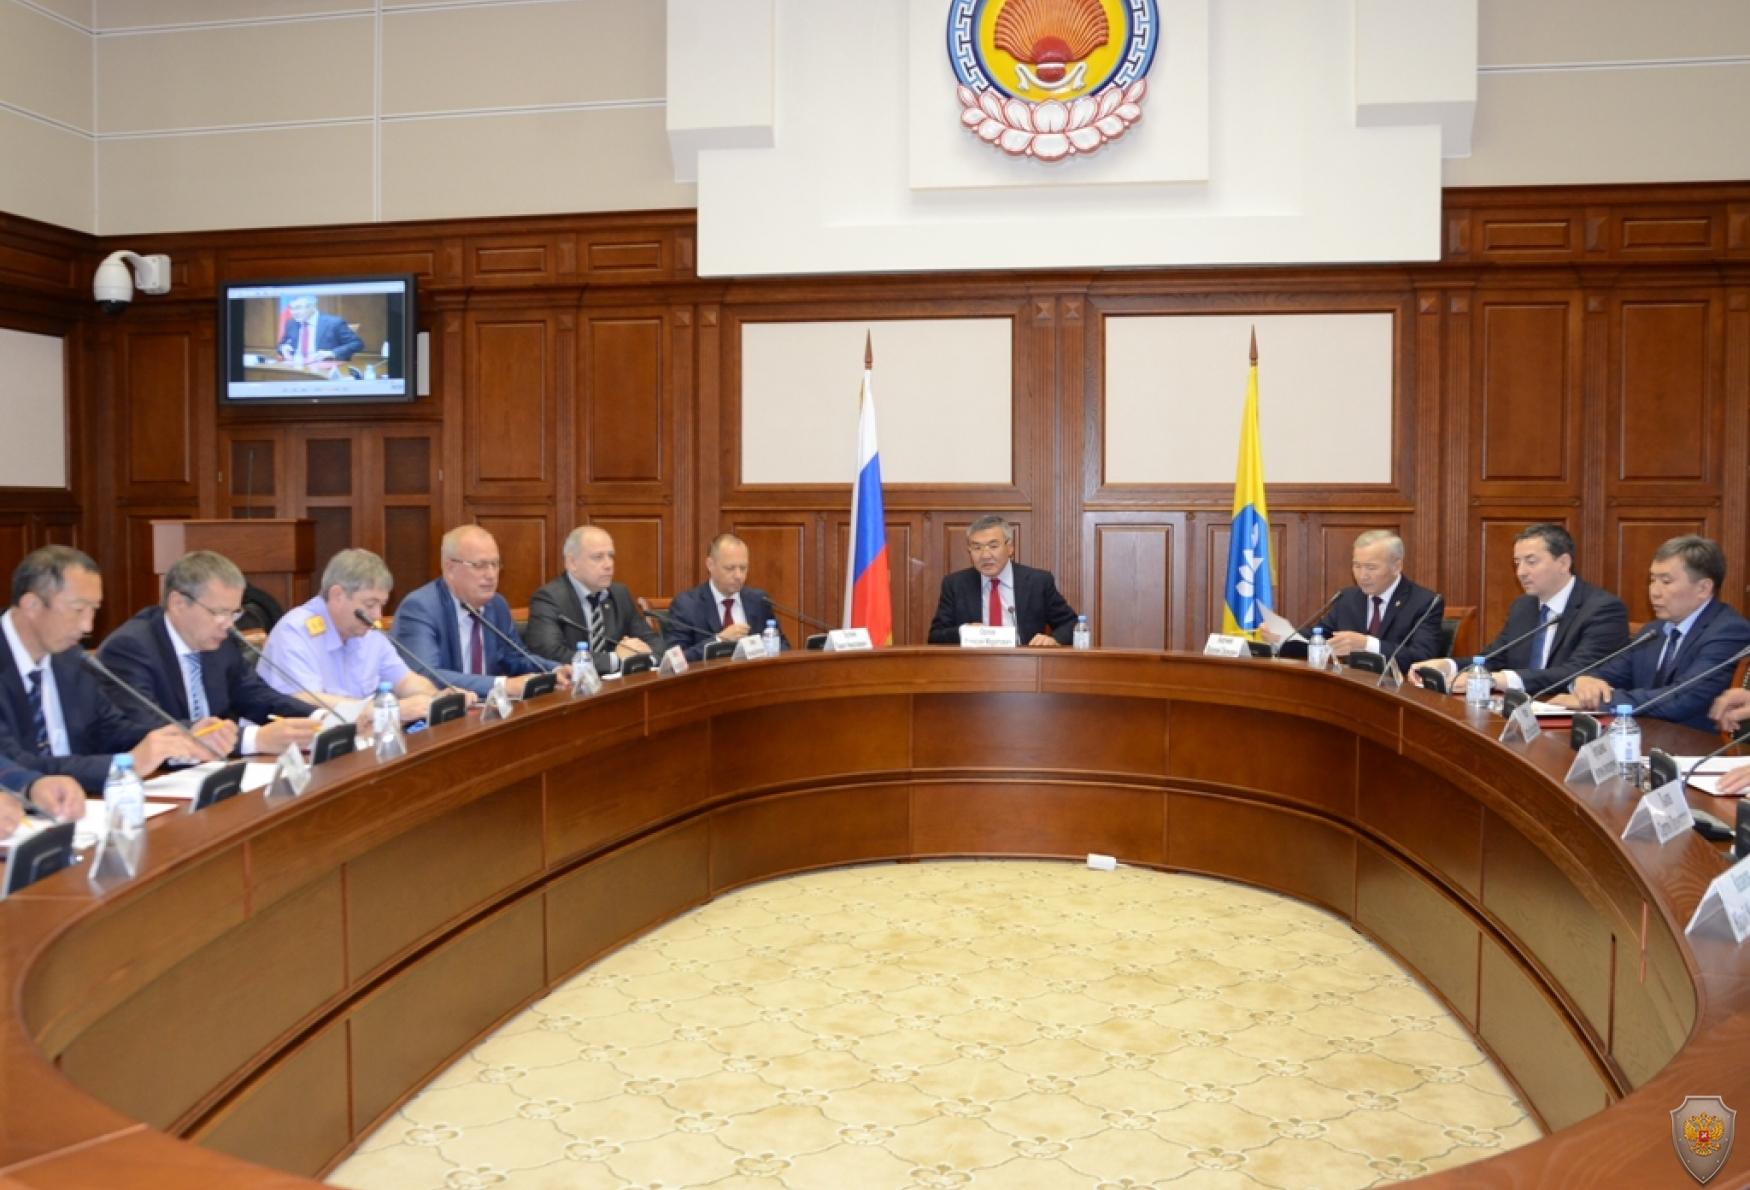 Совместное заседание Антитеррористической комиссии РК и Оперативного штаба в Республики Калмыкия